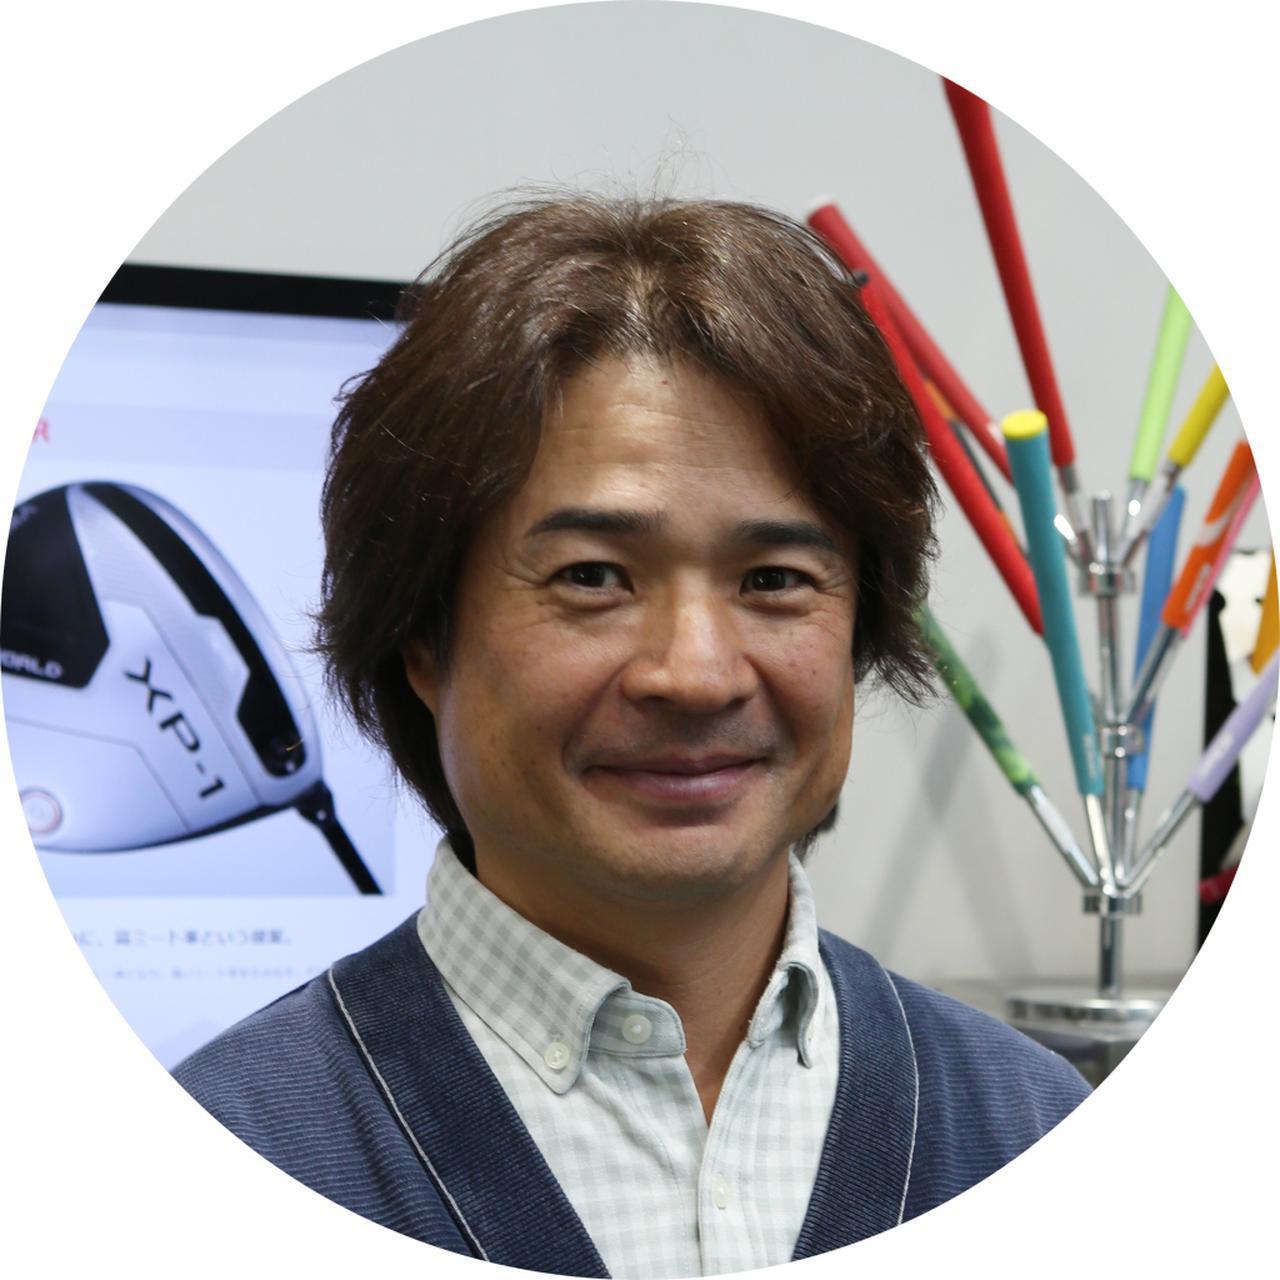 画像: 小川晃弘さん 平均スコア80。ヘッドスピード44m/s。ドローが持ち球で振りにいっても引っかからないクラブが好み